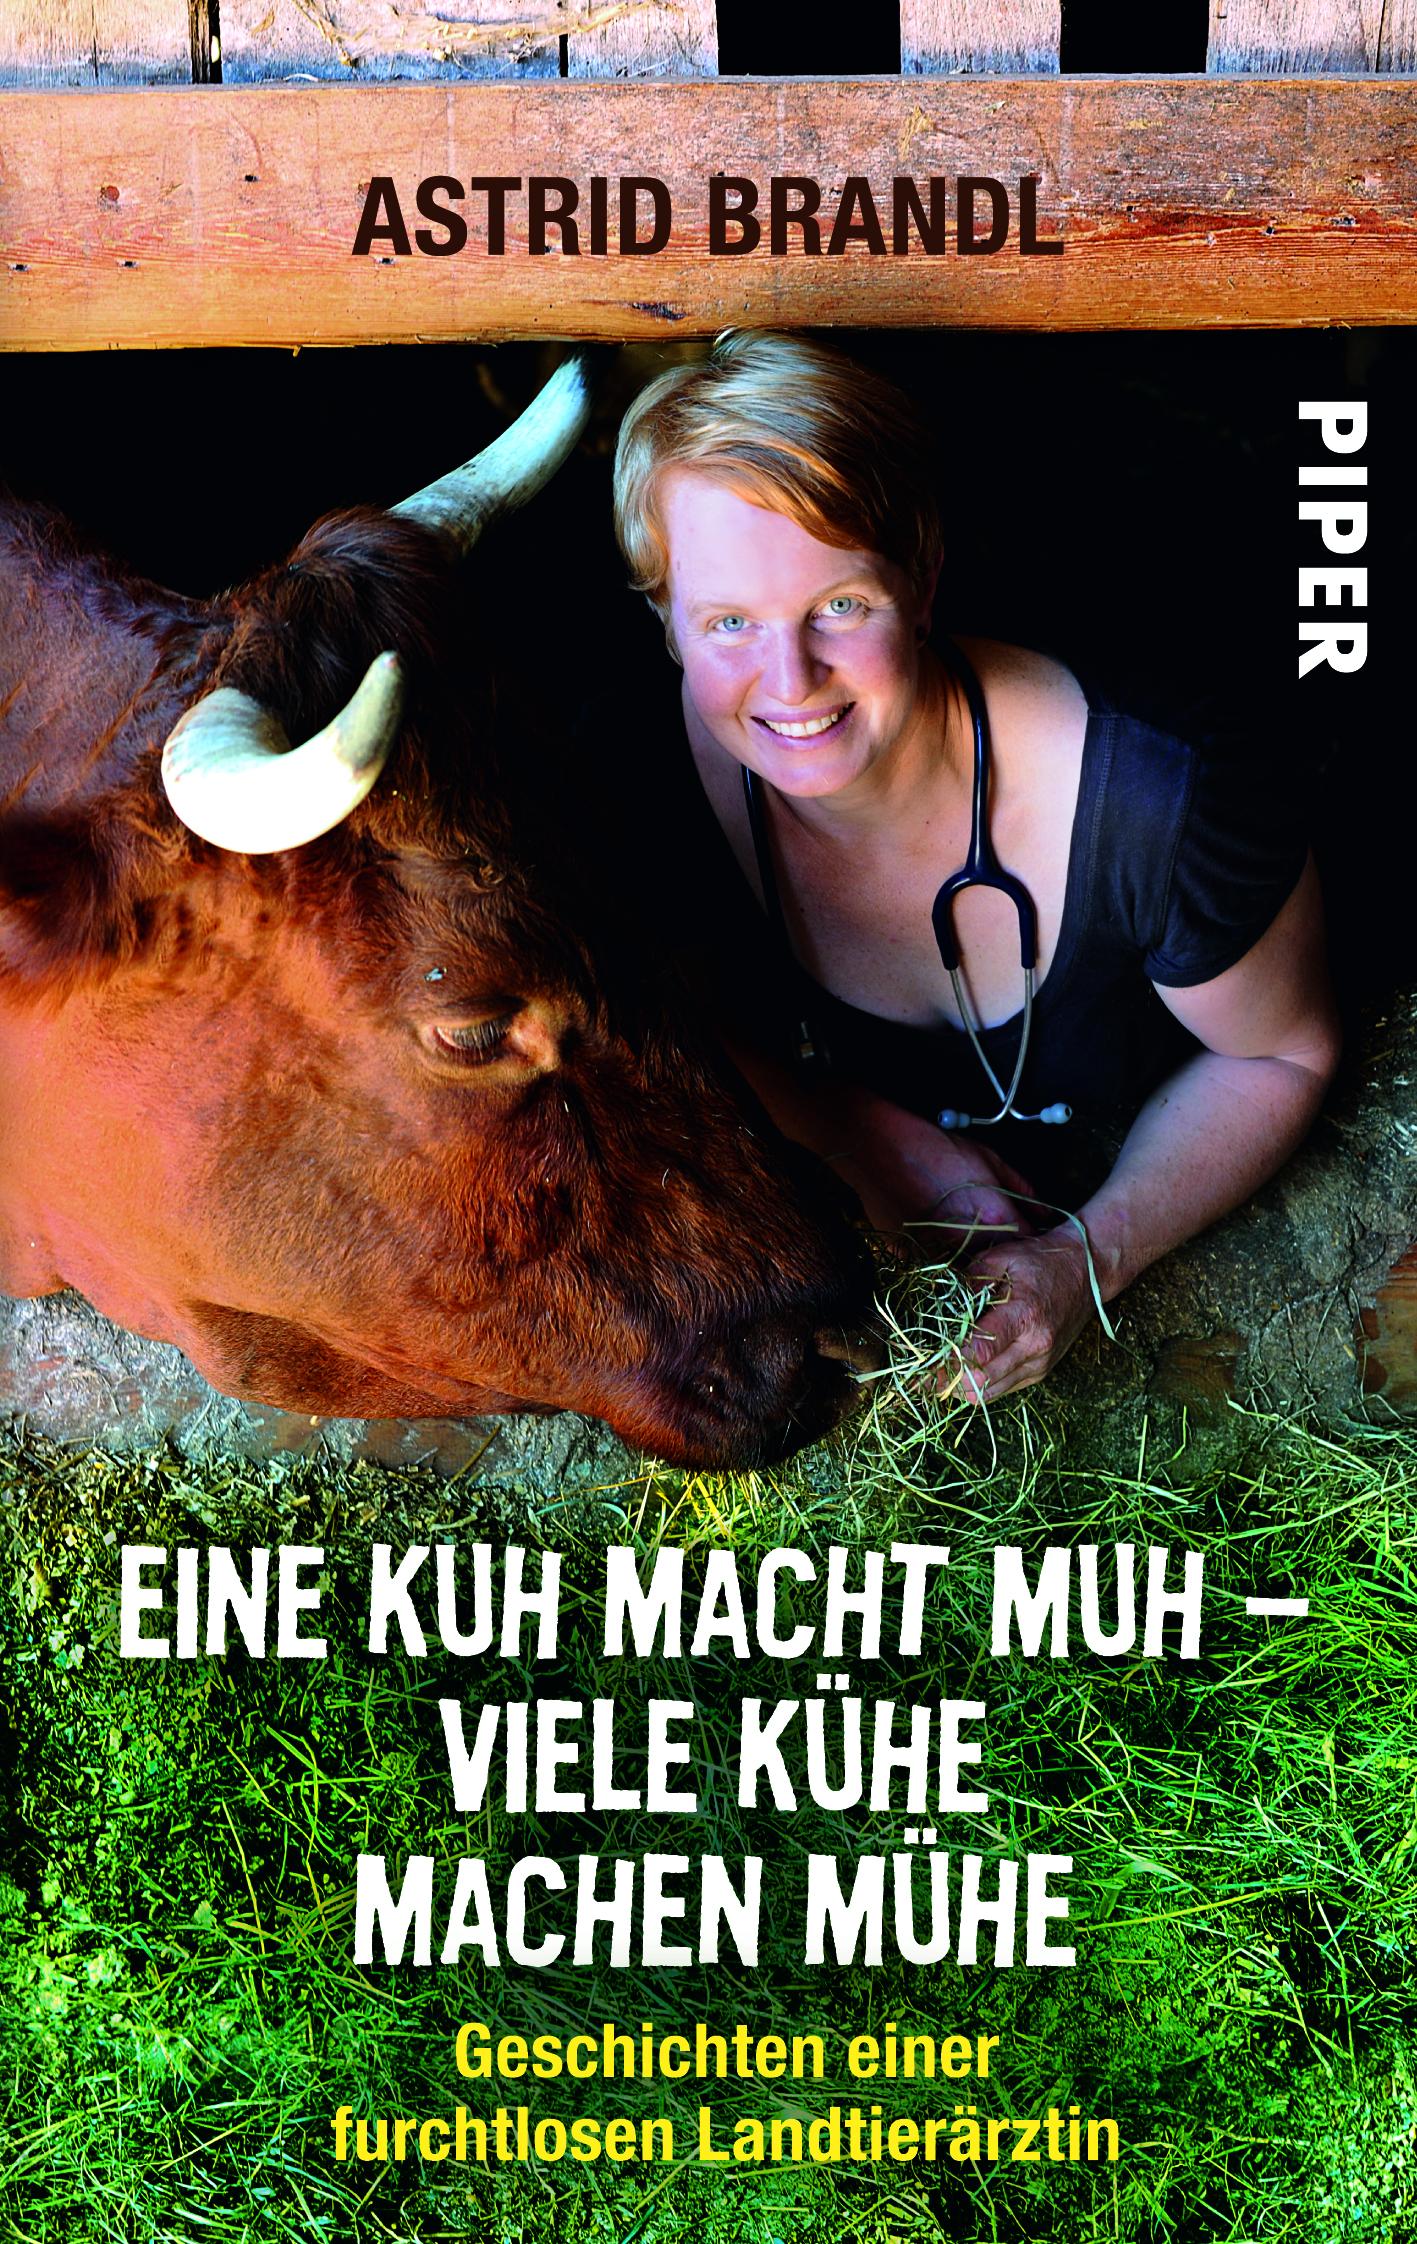 Eine Kuh macht muh - viele Kühe machen Mühe von Astrid